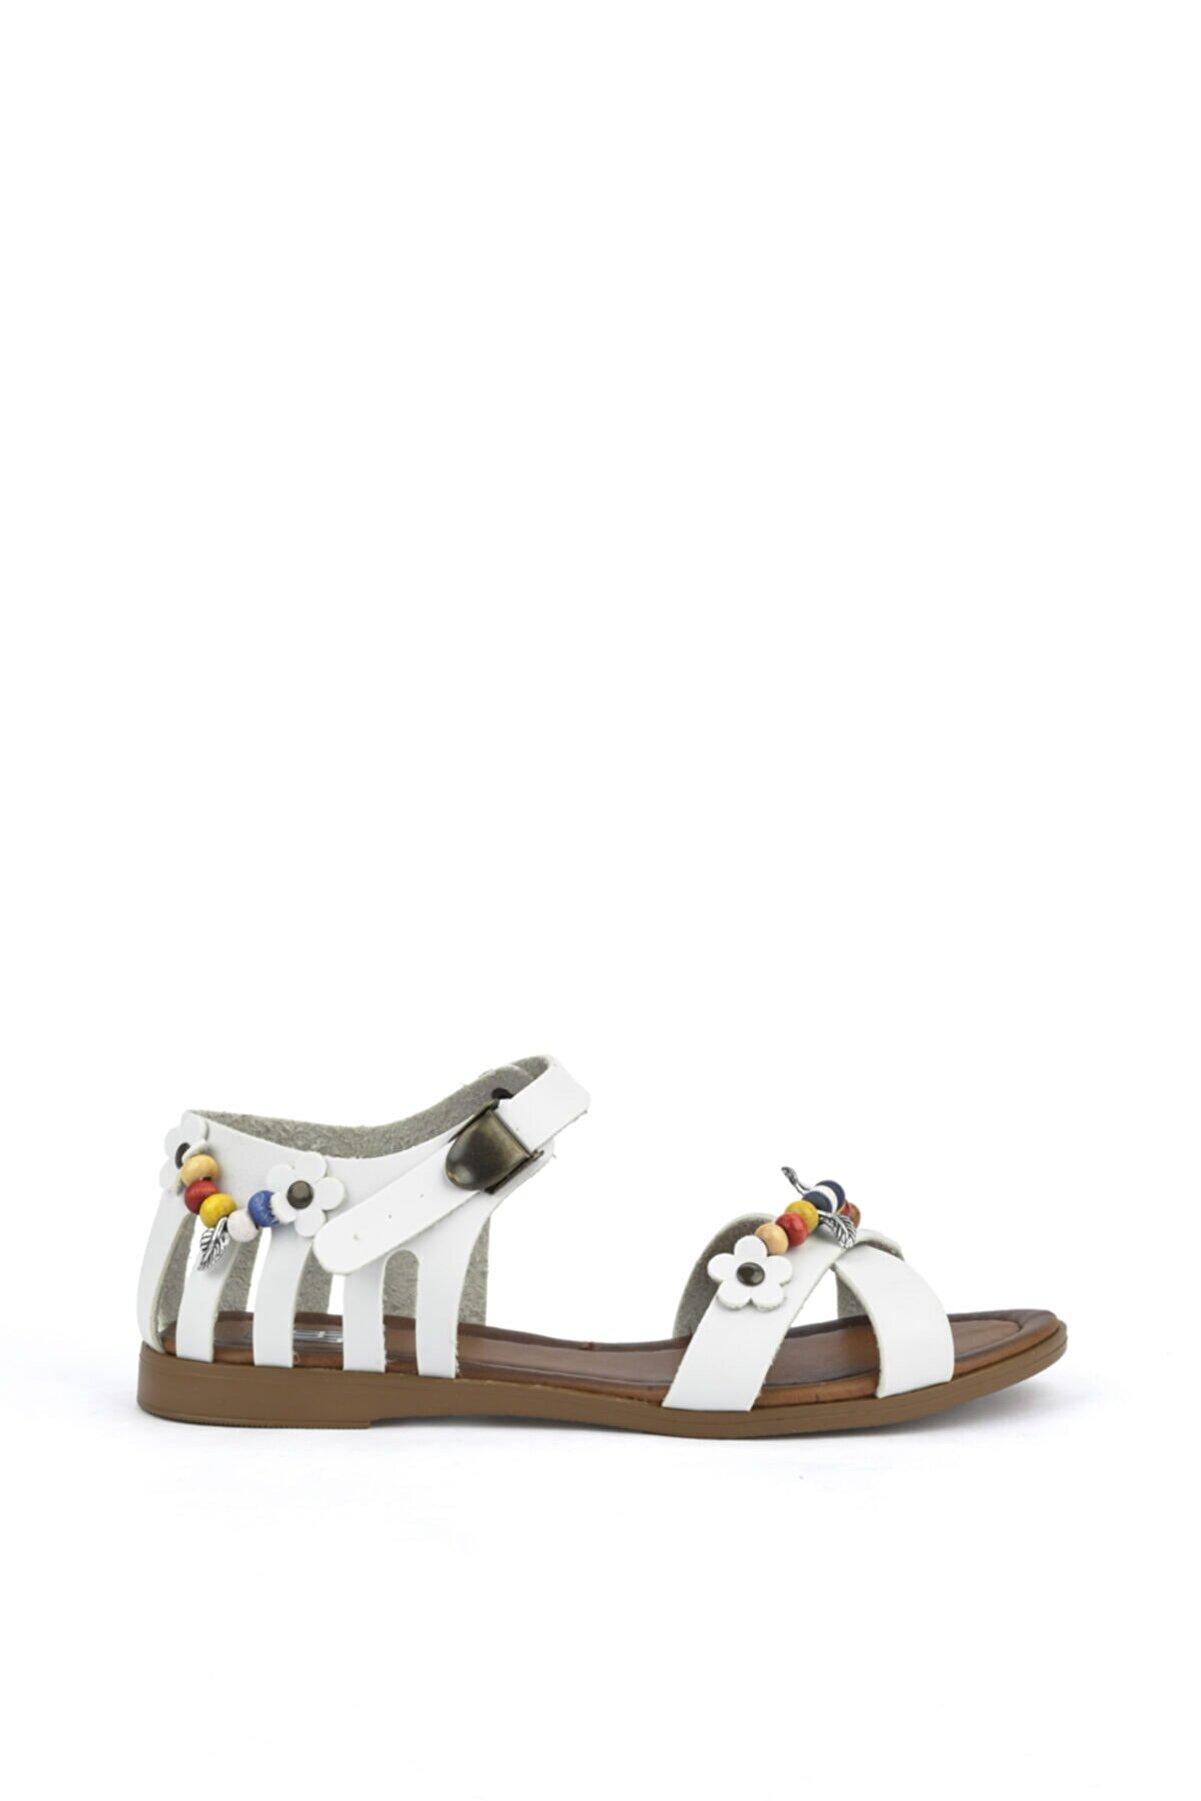 Ziya , Kadın Hakiki Deri Sandalet 111415 Z311005 Beyaz